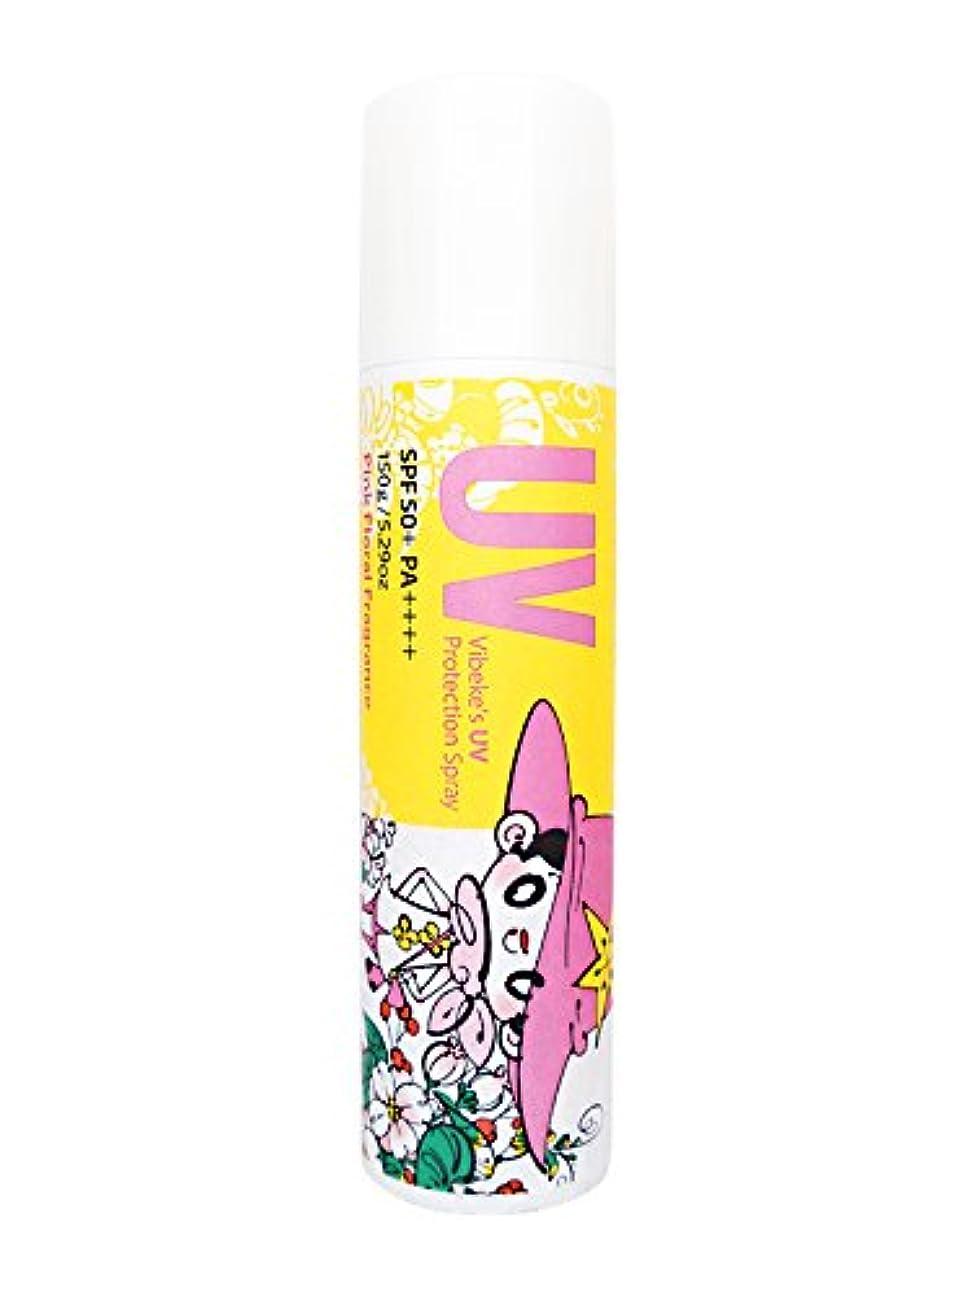 ハチ死んでいる海ビベッケの全身まるごとサラサラUVスプレー SPF50+ PA++++ 150g ピンクフローラルの香り